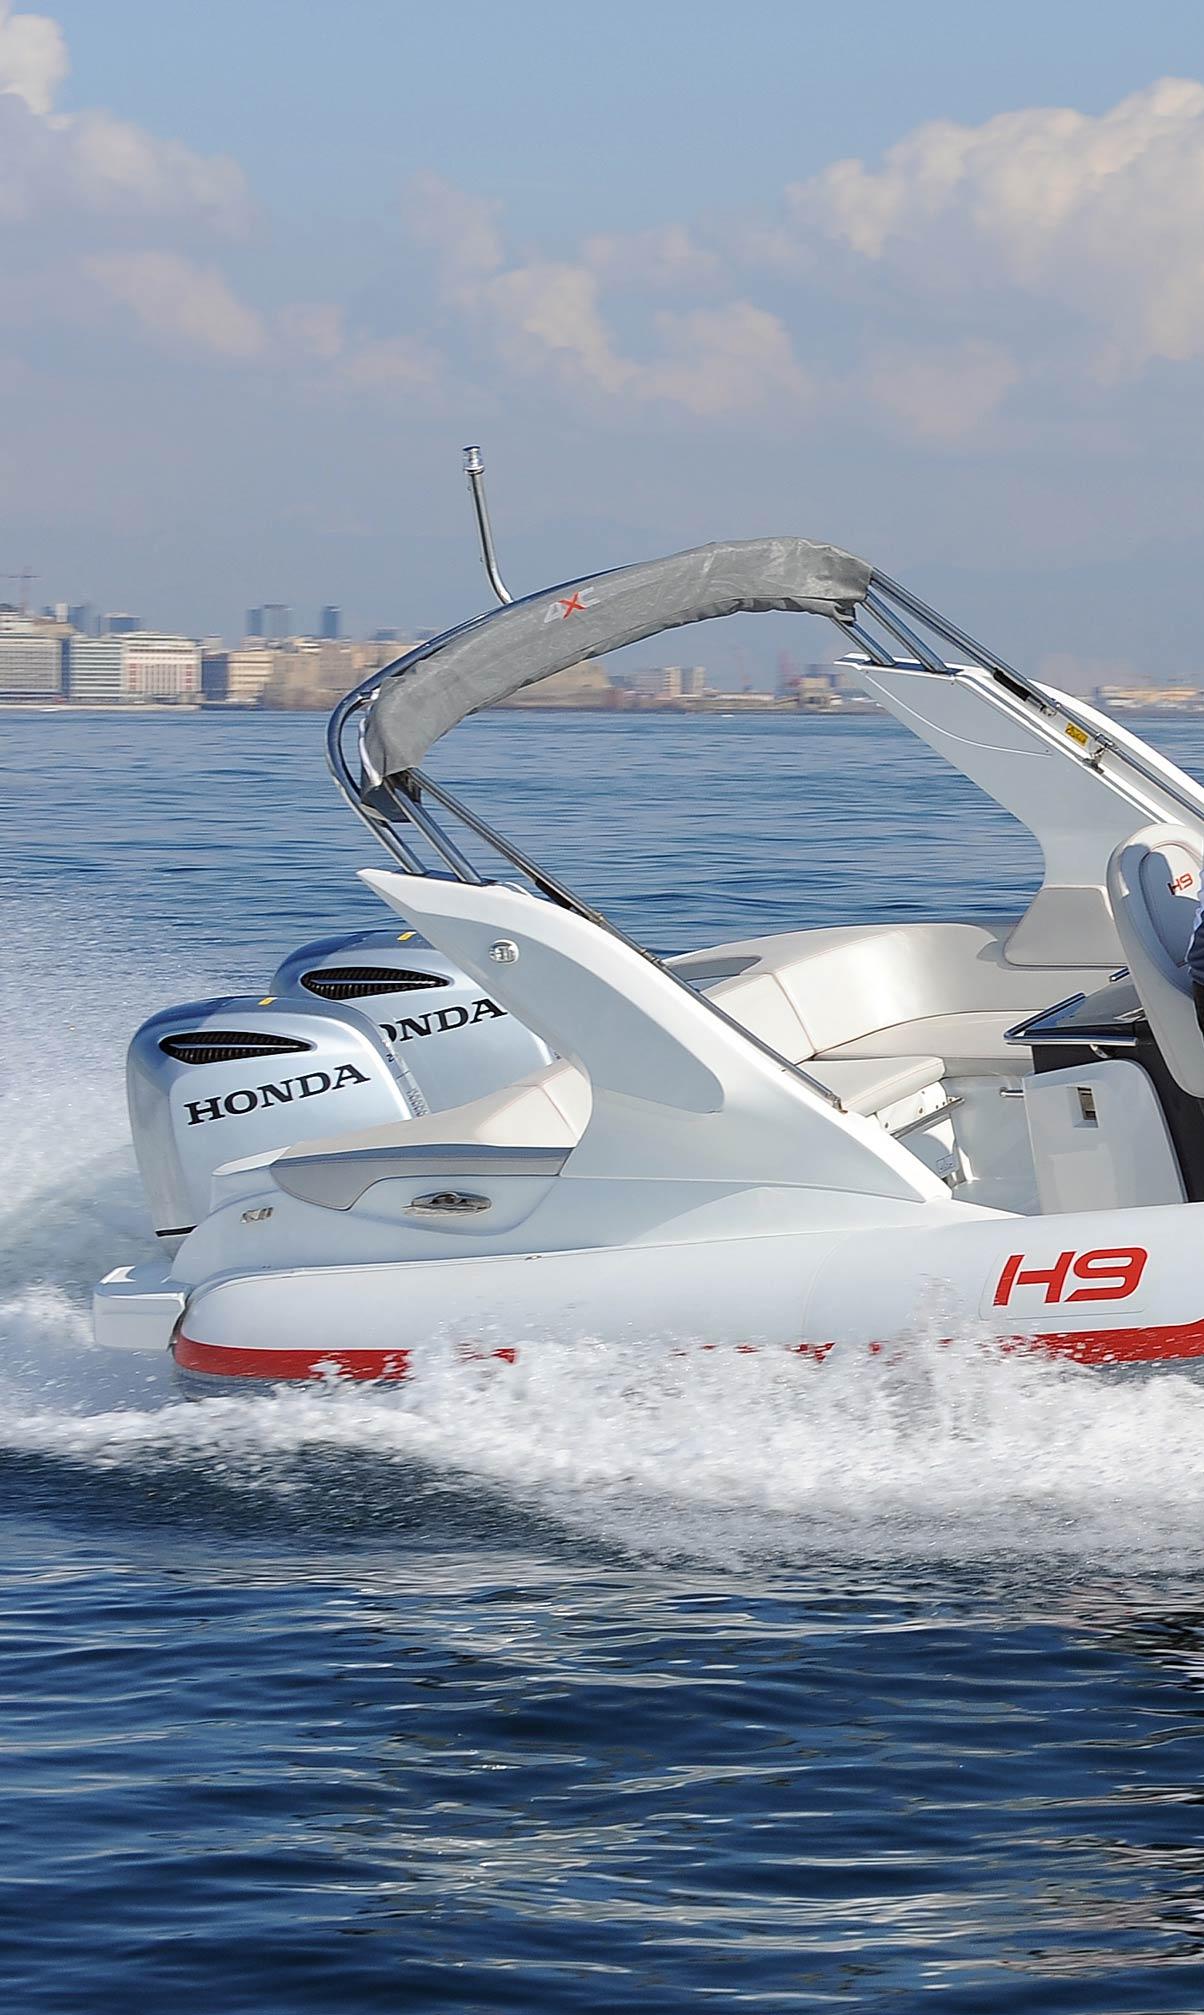 Honda H9